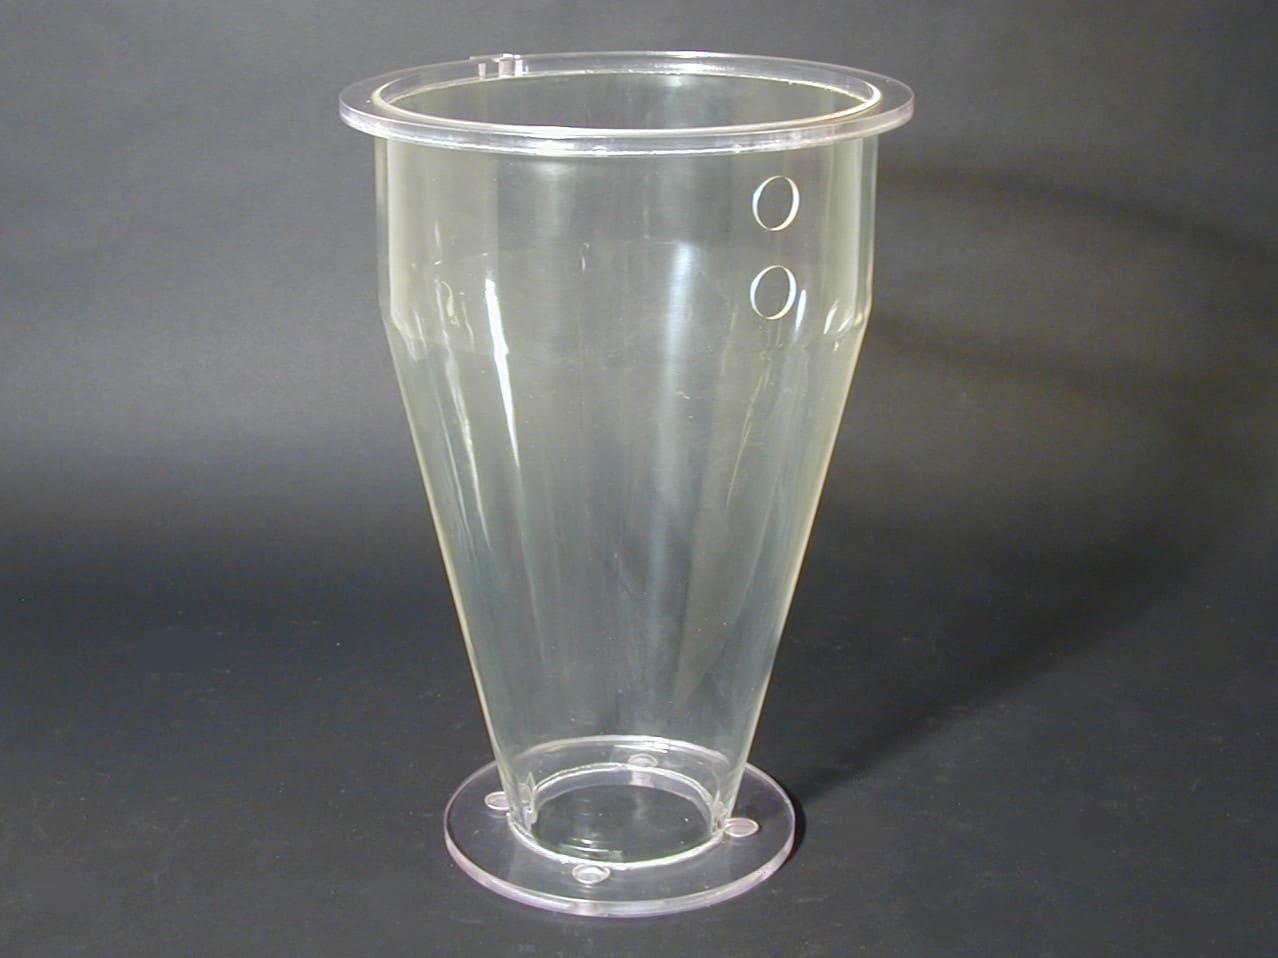 Vacuum Forming plastics